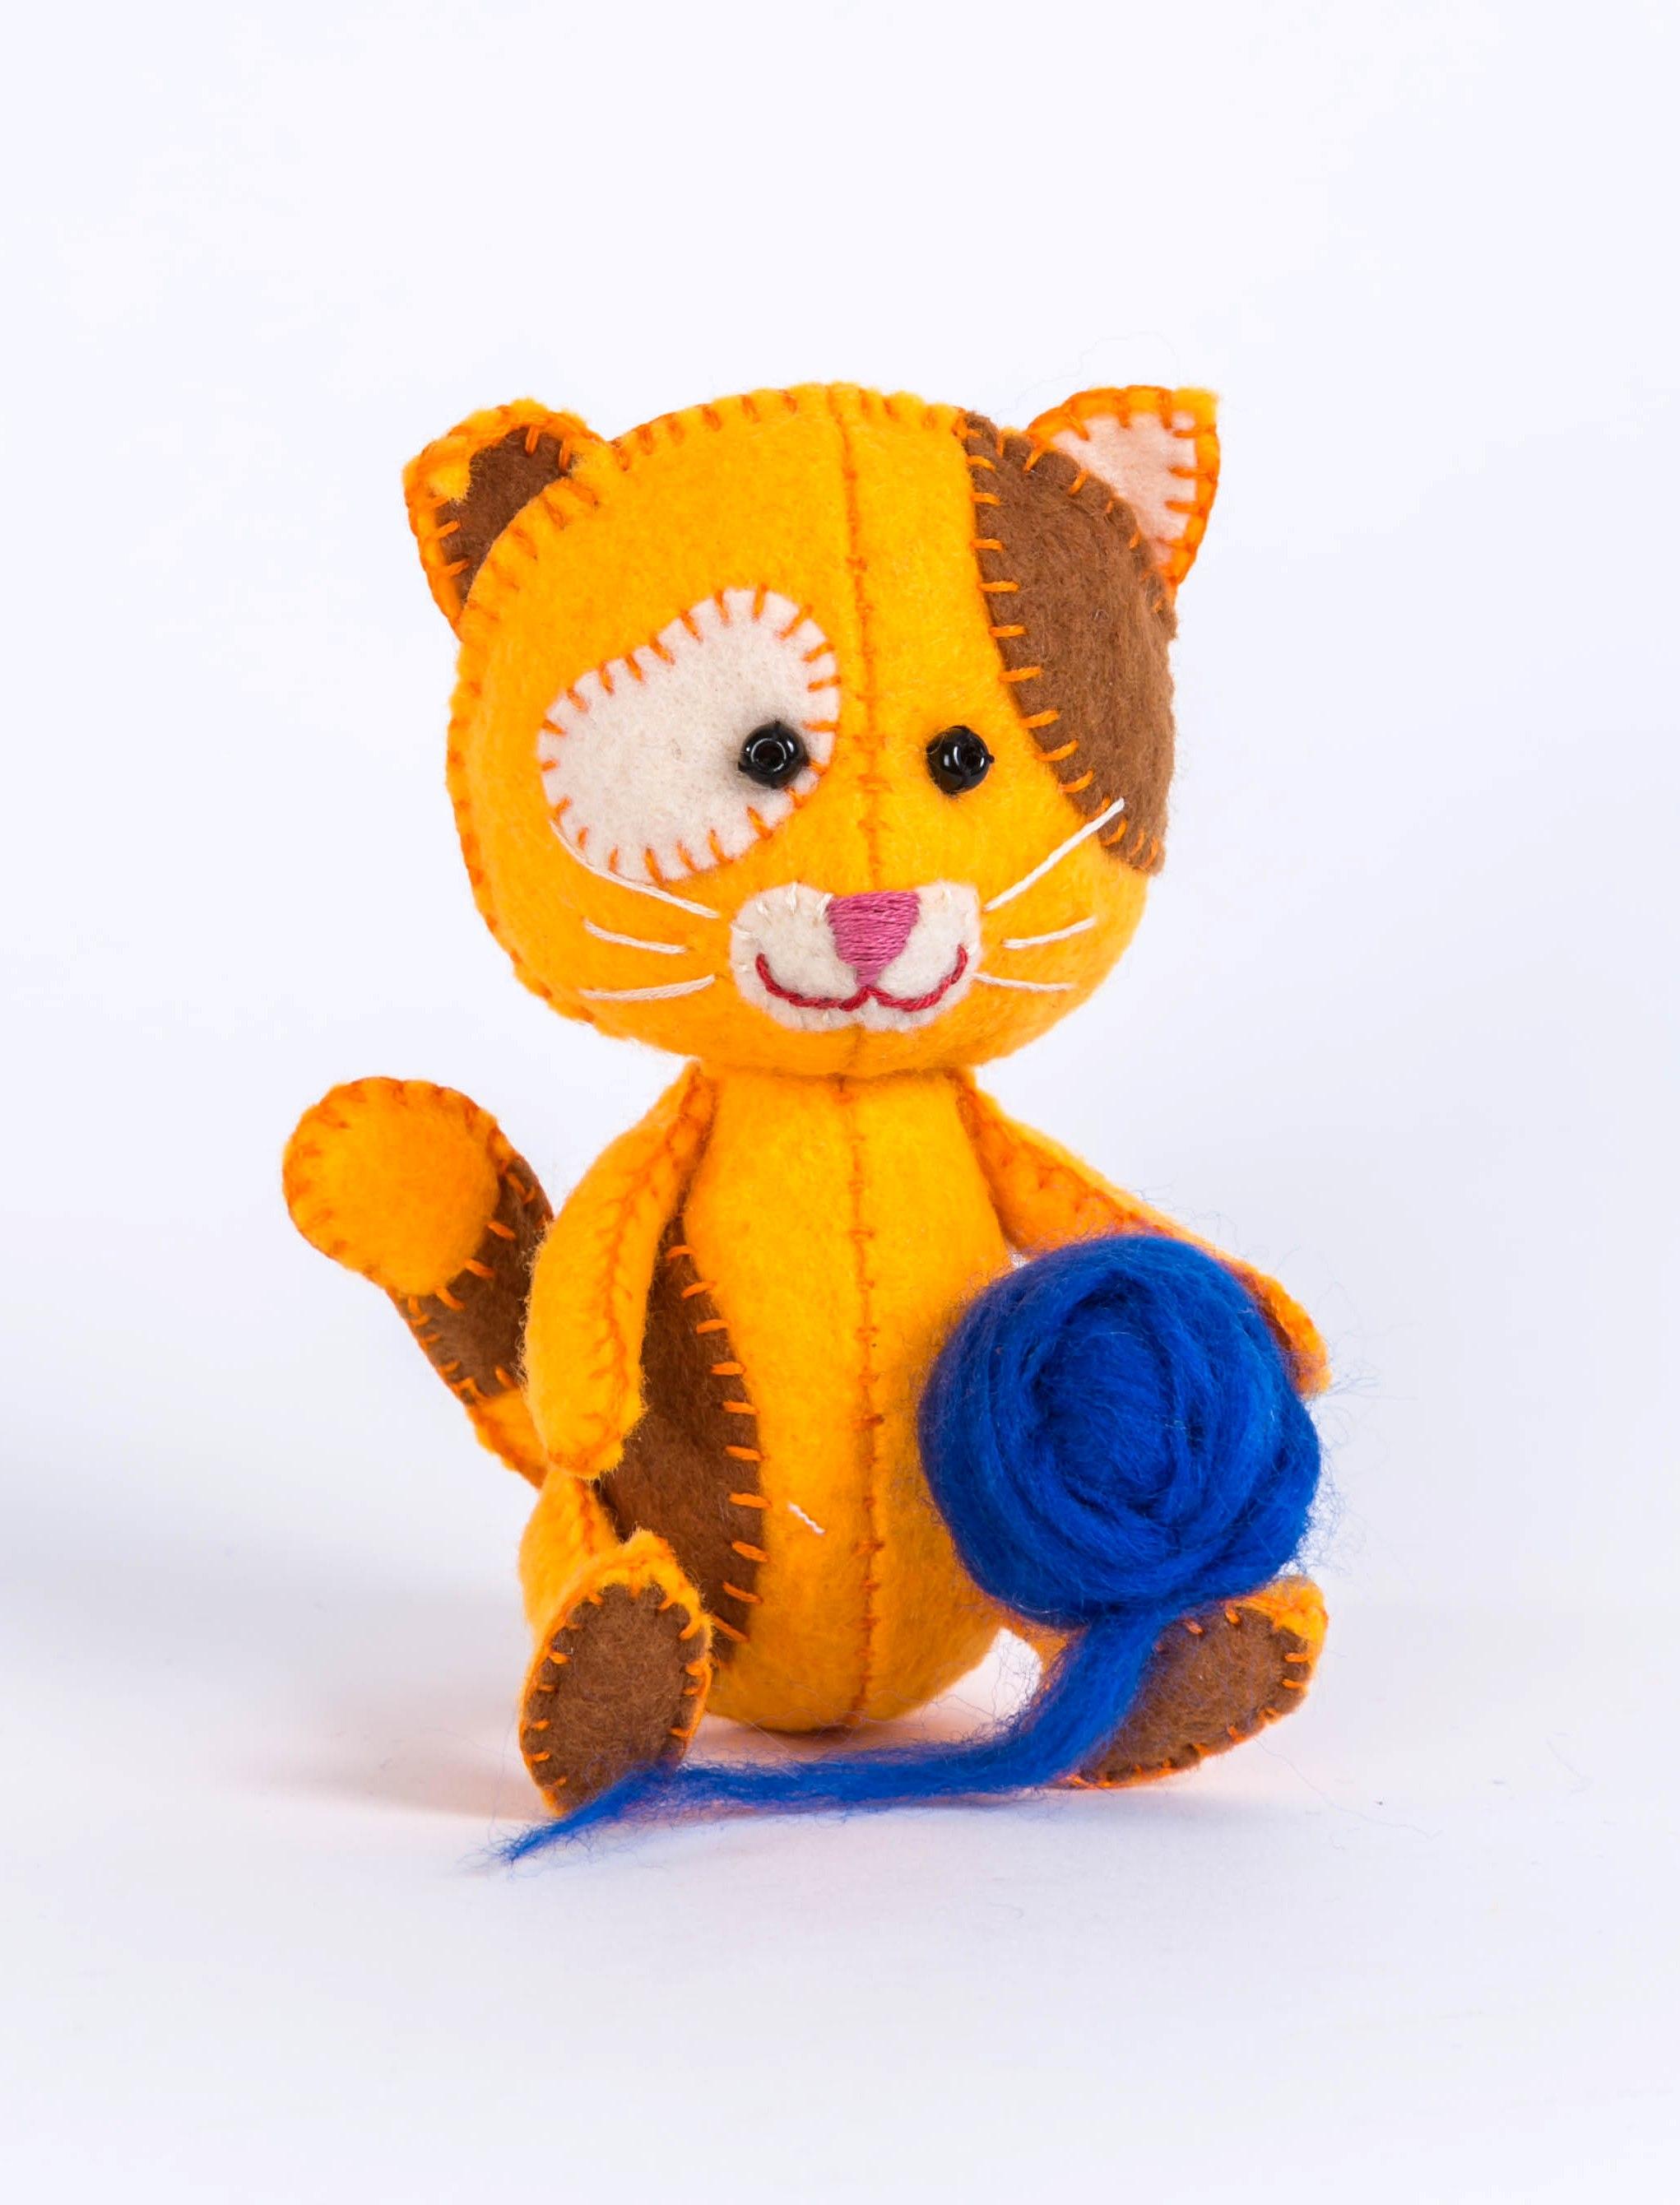 ПФД-1059 Набор для изготовления текстильной игрушки серия Детки 'Котёнок Рыжик